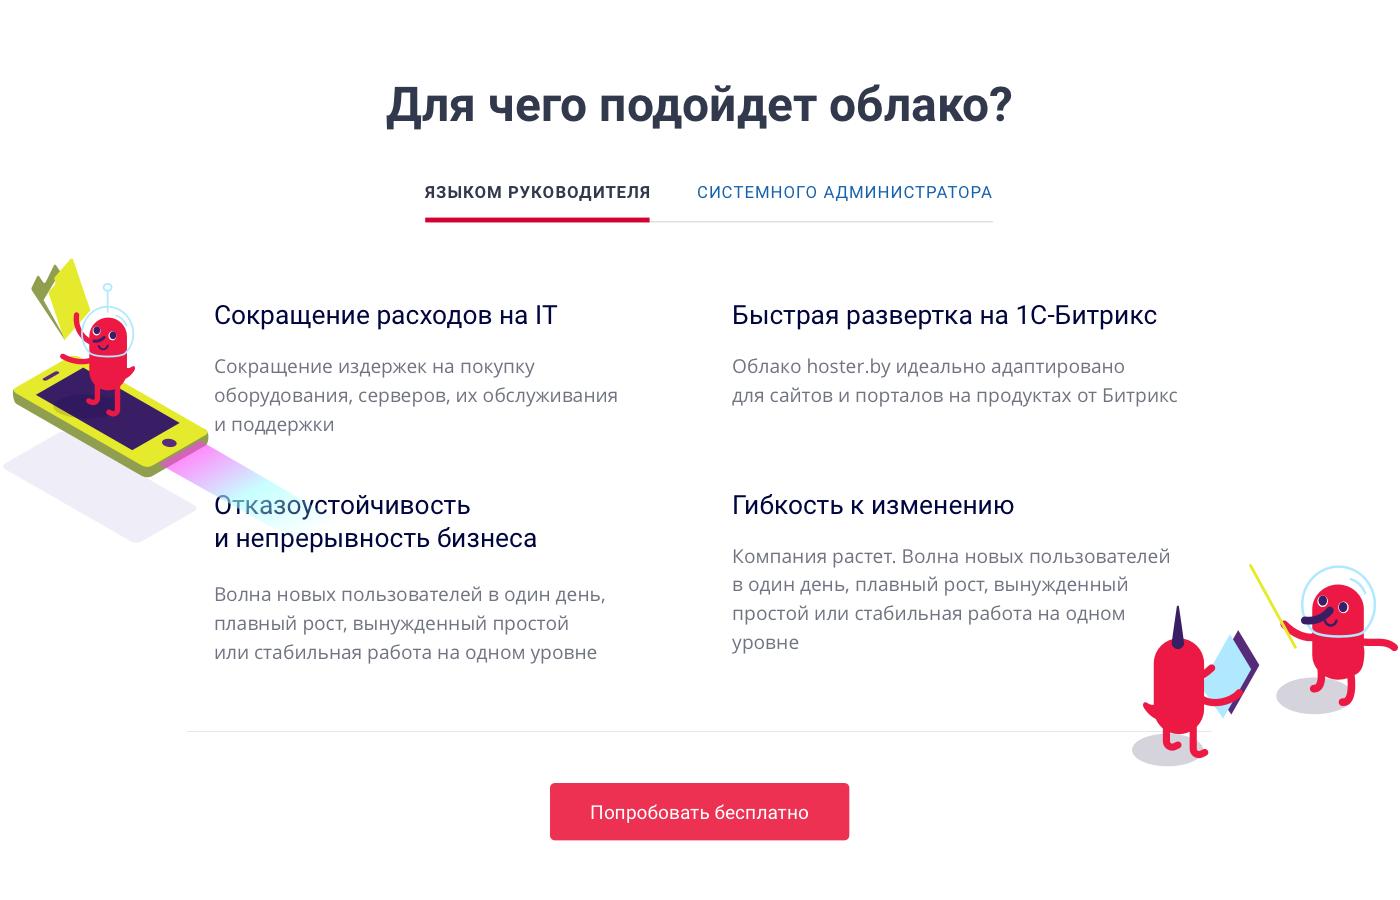 Фрагмент сайта с преимуществами облачных решений hoster.by для руководителей компаний.